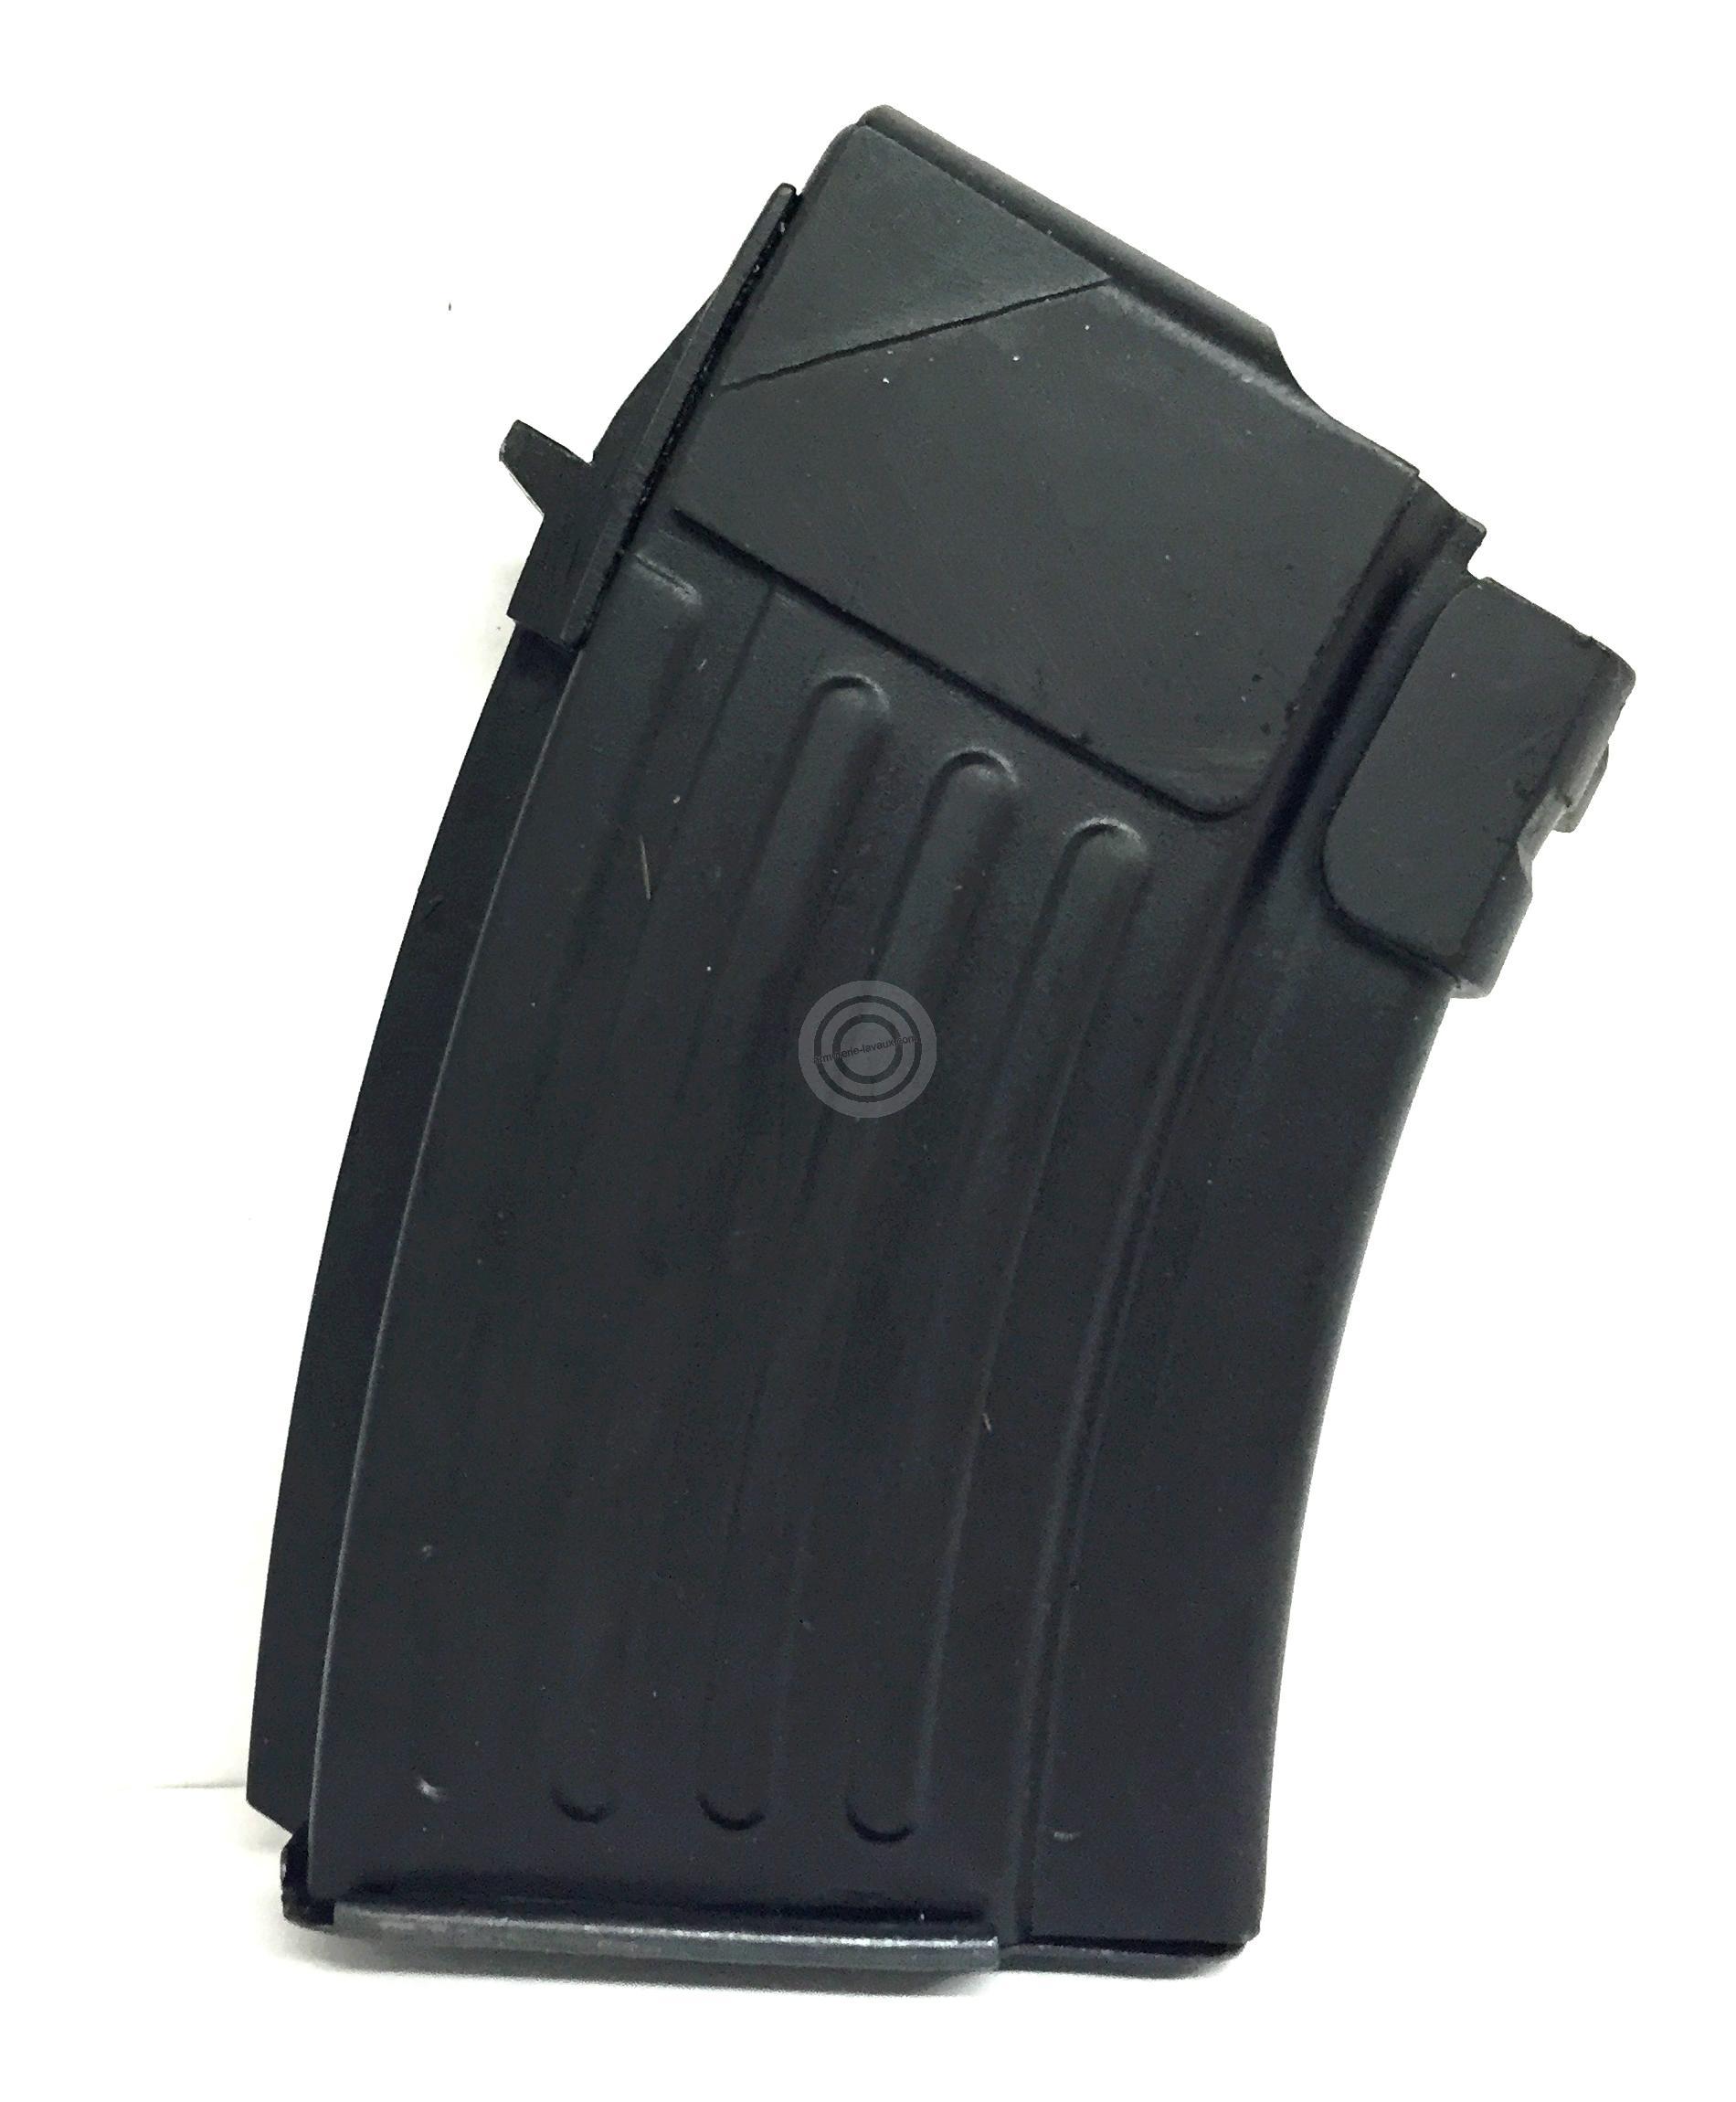 Chargeur AK47 - AKM - ZASTAVA M92 cal.7.62x39 (10 coups)